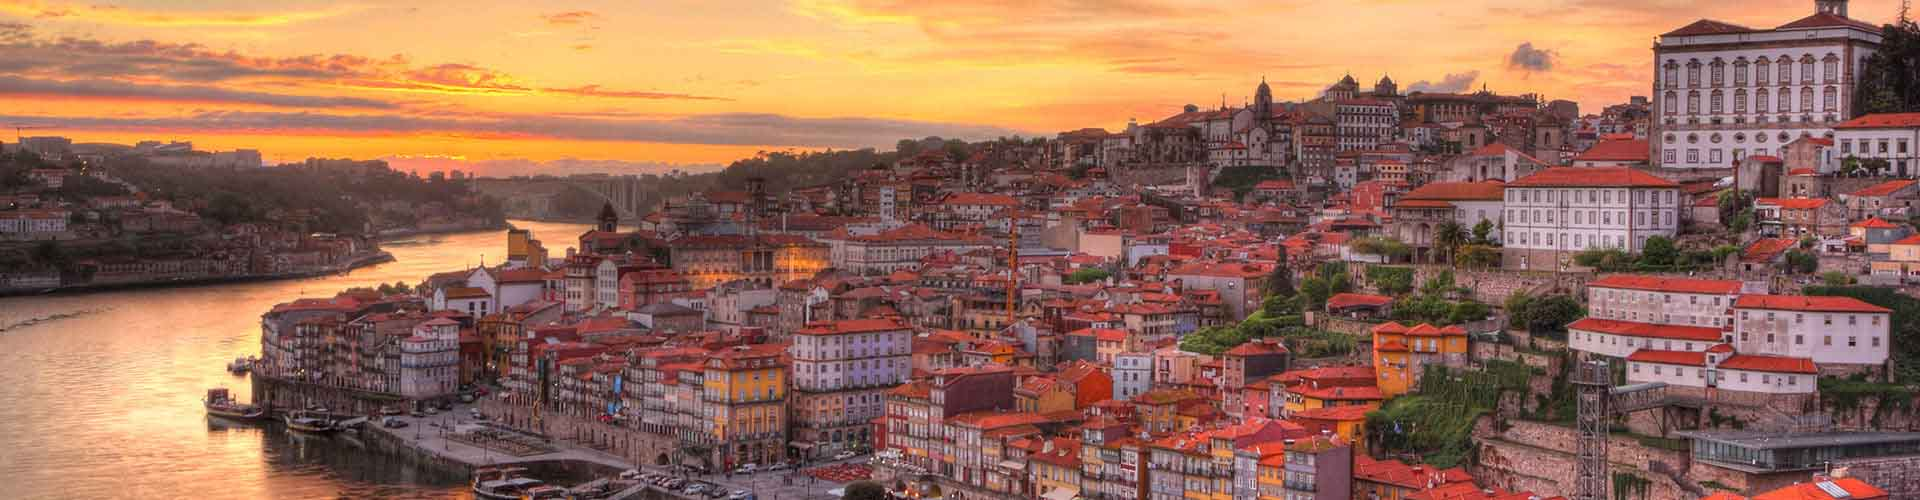 Porto - Hostels nahe São Bento Bahnhof. Porto auf der Karte. Fotos und Bewertungen für jedes Hostel in Porto.